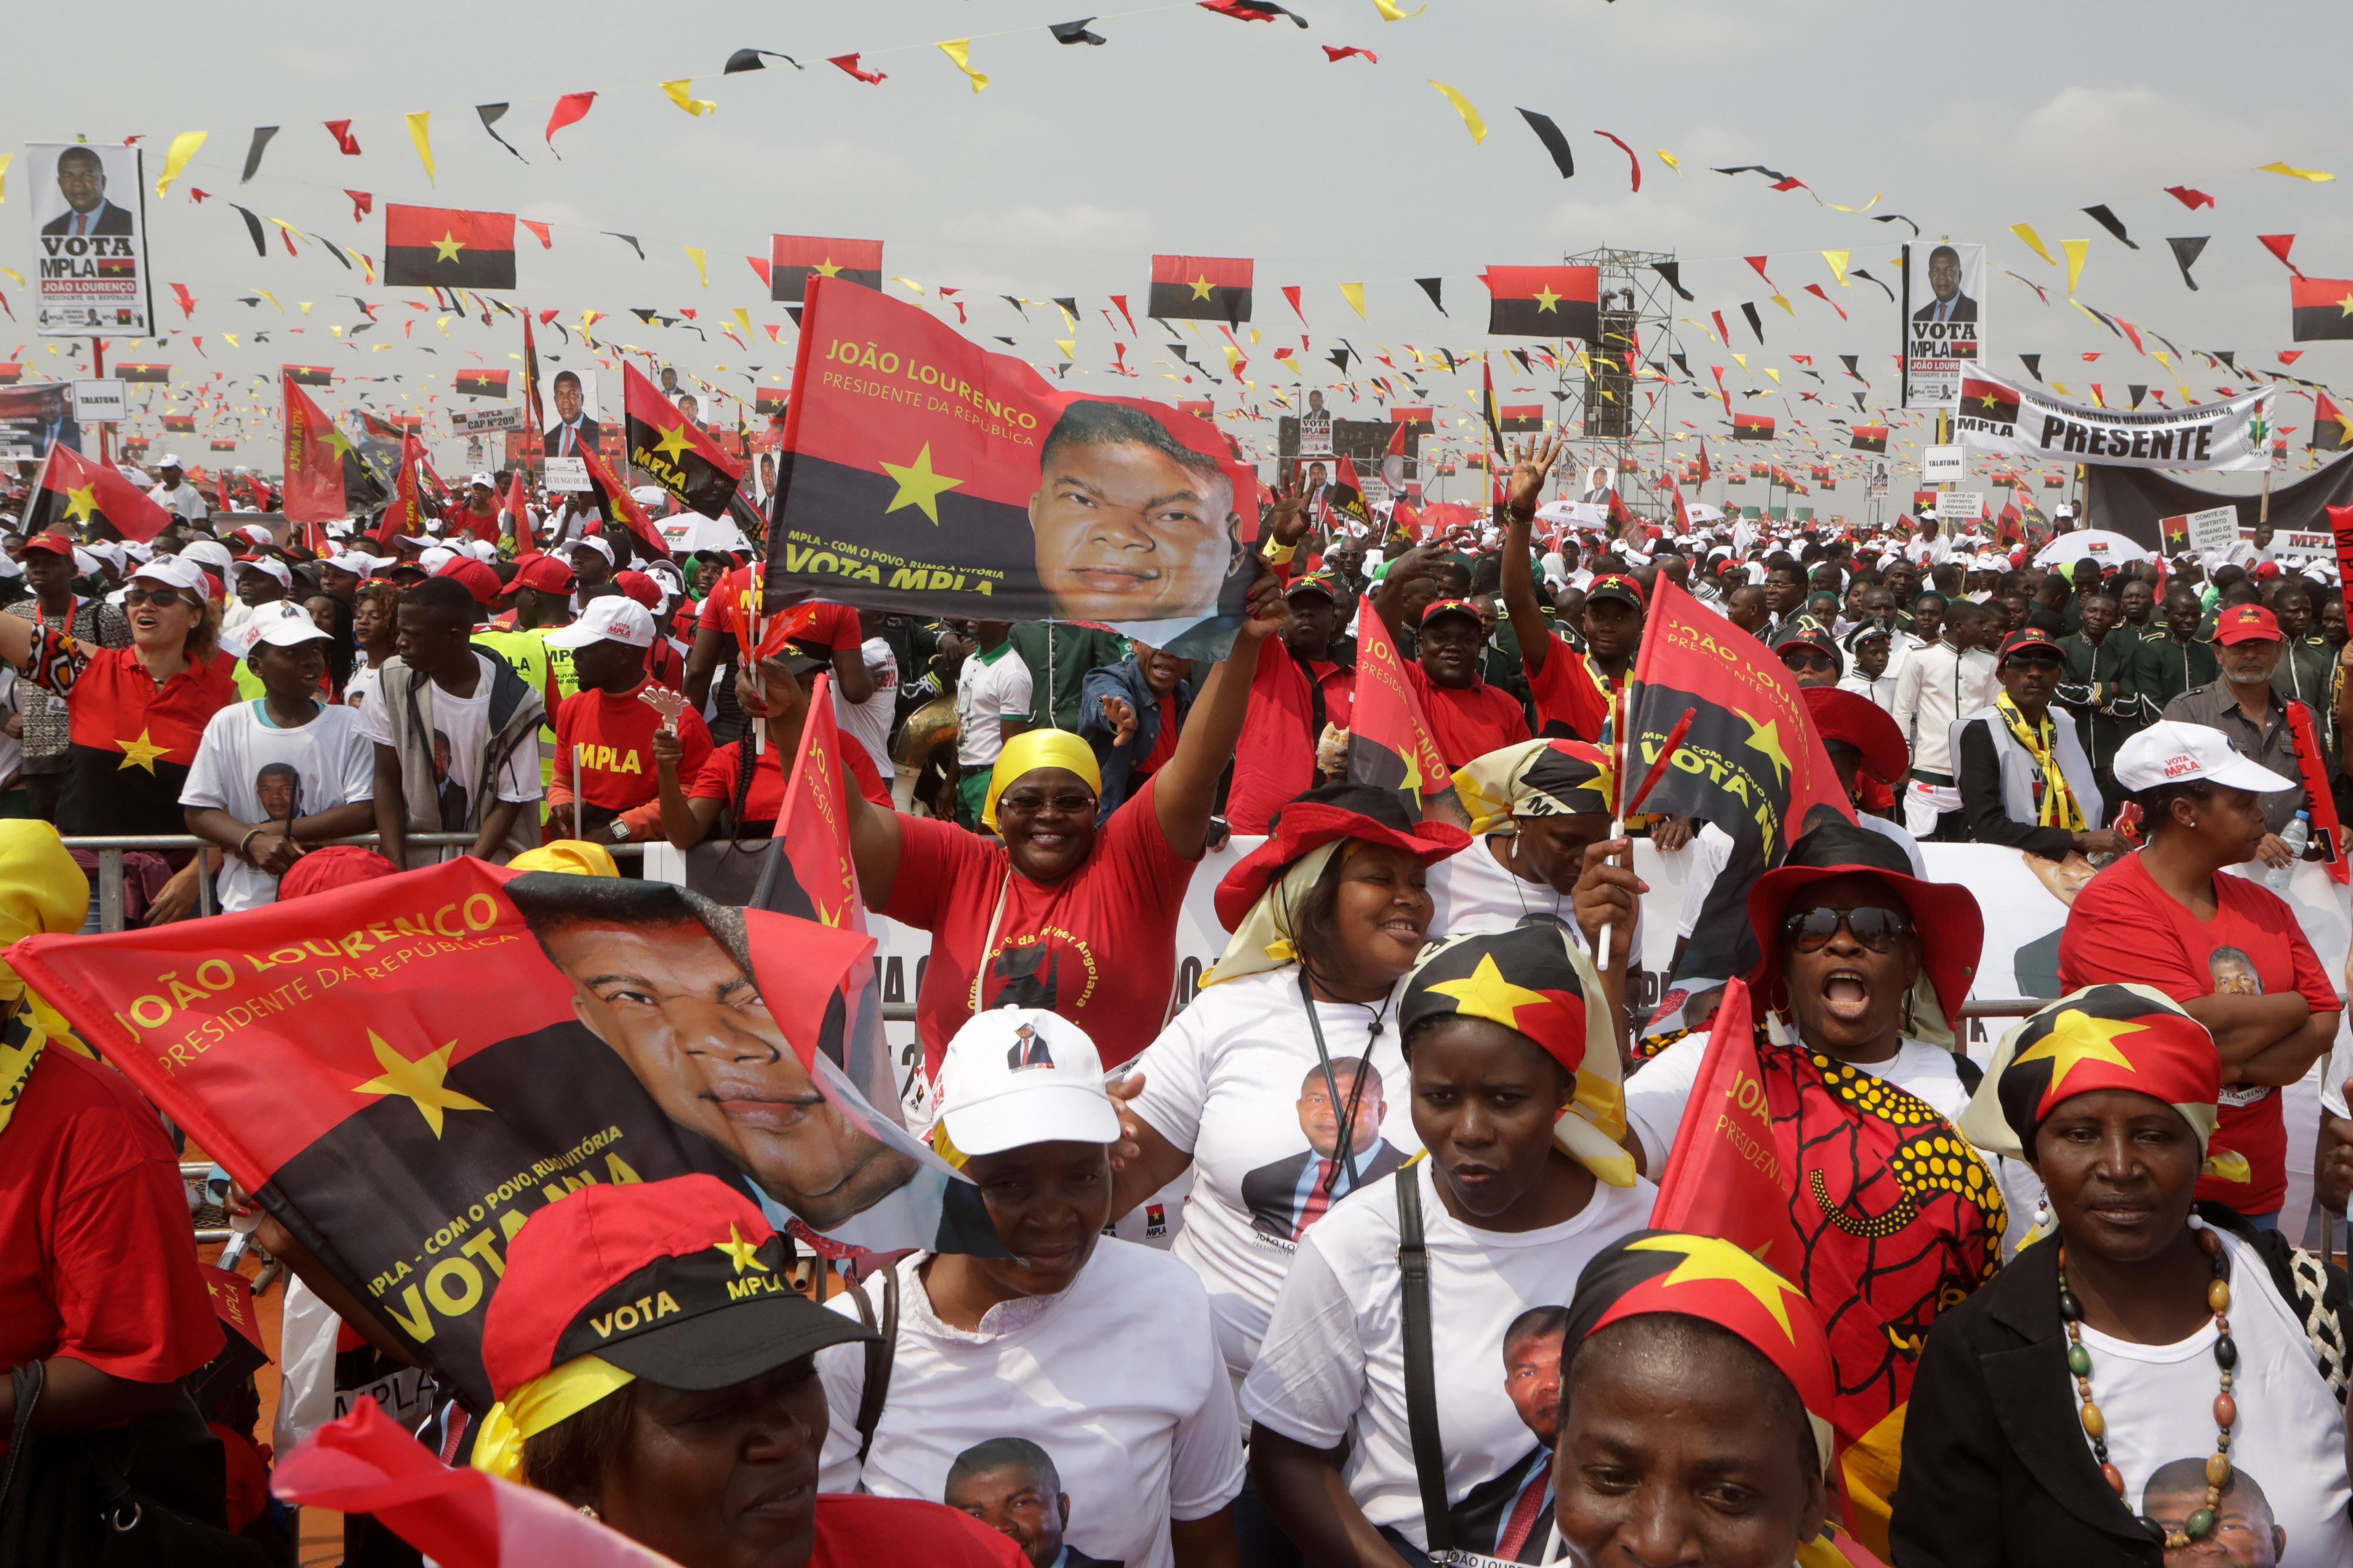 Comunicação social favoreceu MPLA na campanha eleitoral, diz Sindicato dos Jornalistas Angolanos